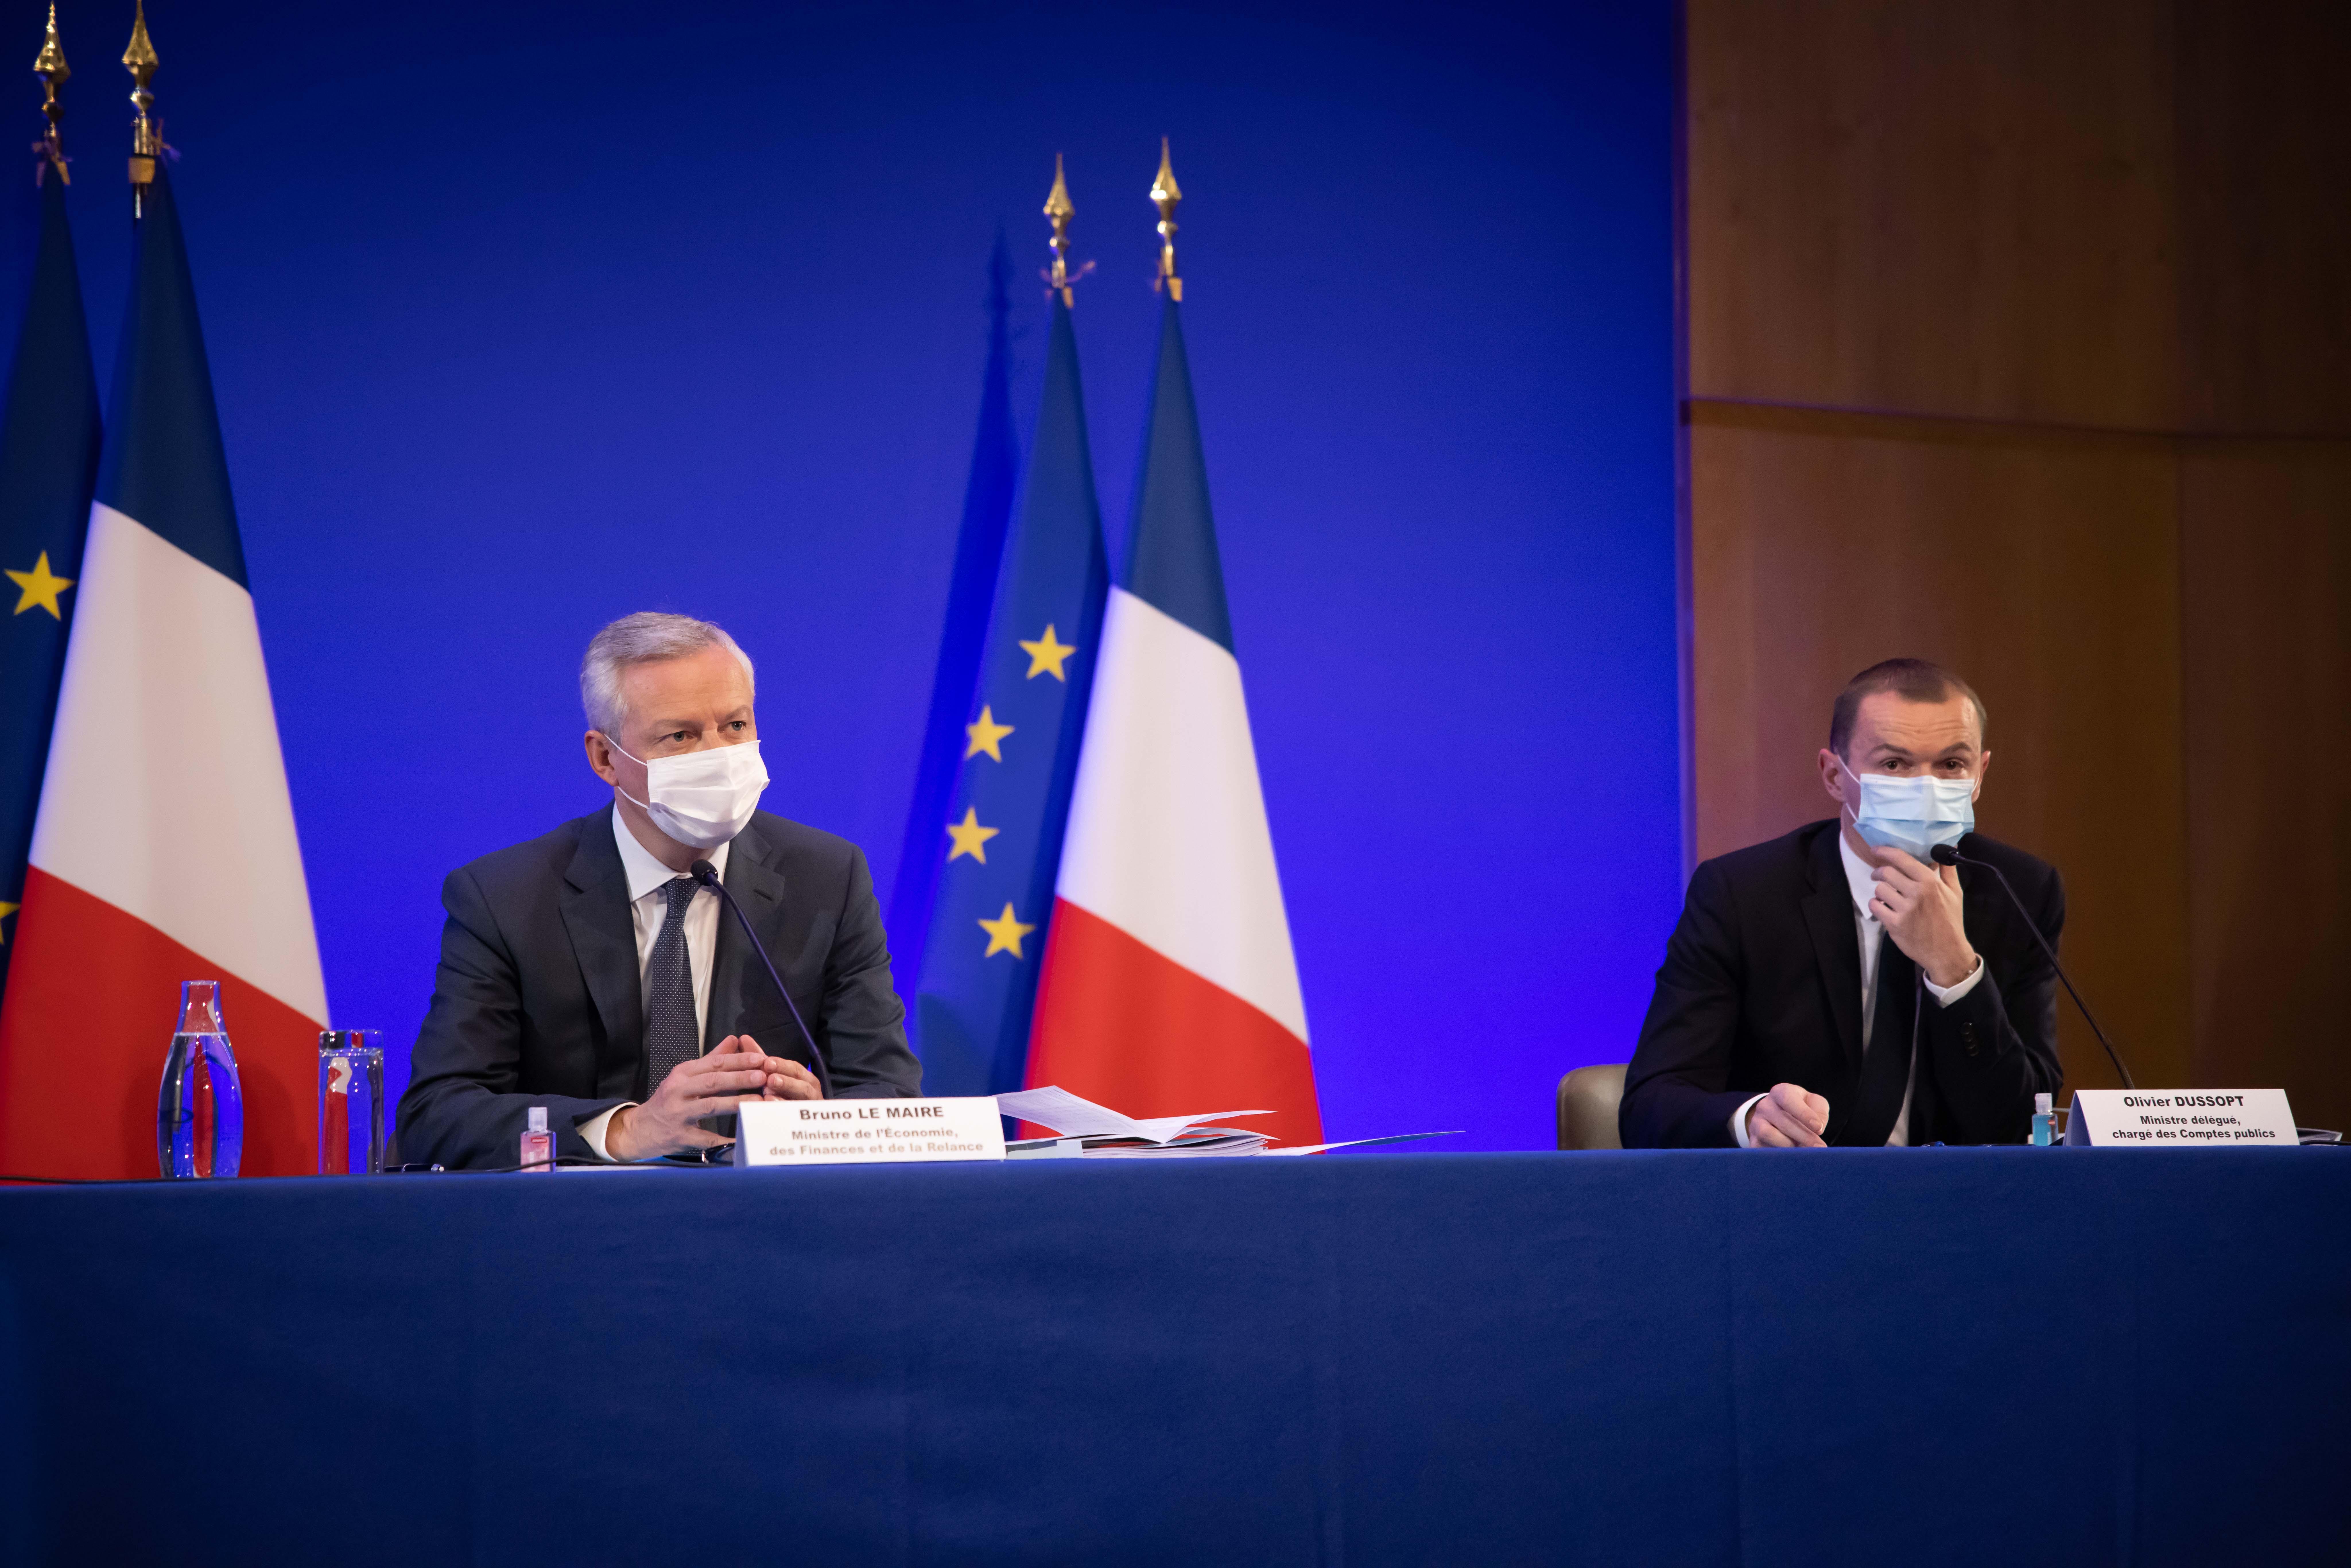 Projet De Loi De Finances 2021 Calendrier Présentation du projet de loi de finances pour 2021 | budget.gouv.fr